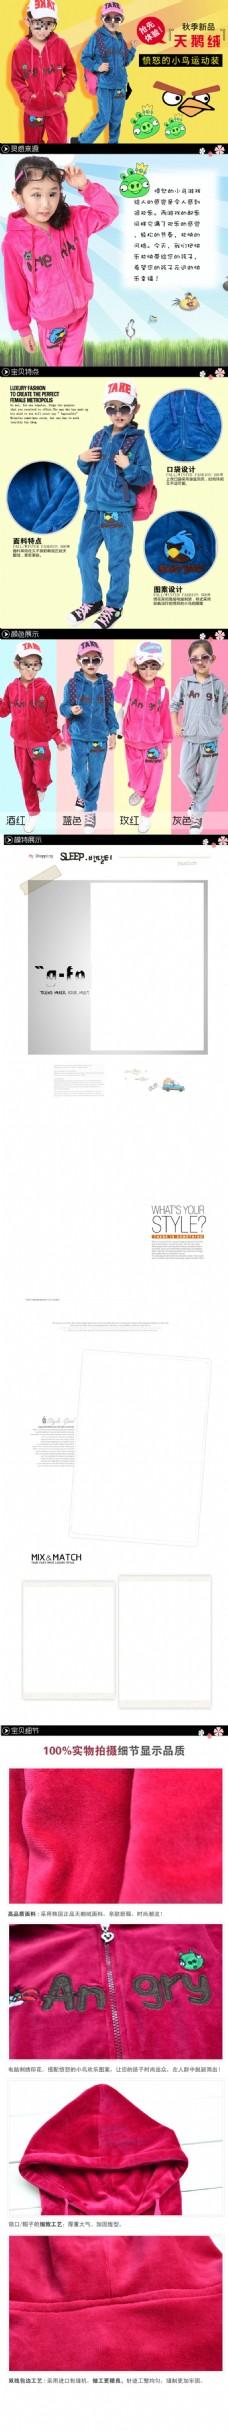 童装淘宝电商服装鞋业详情页设计素材